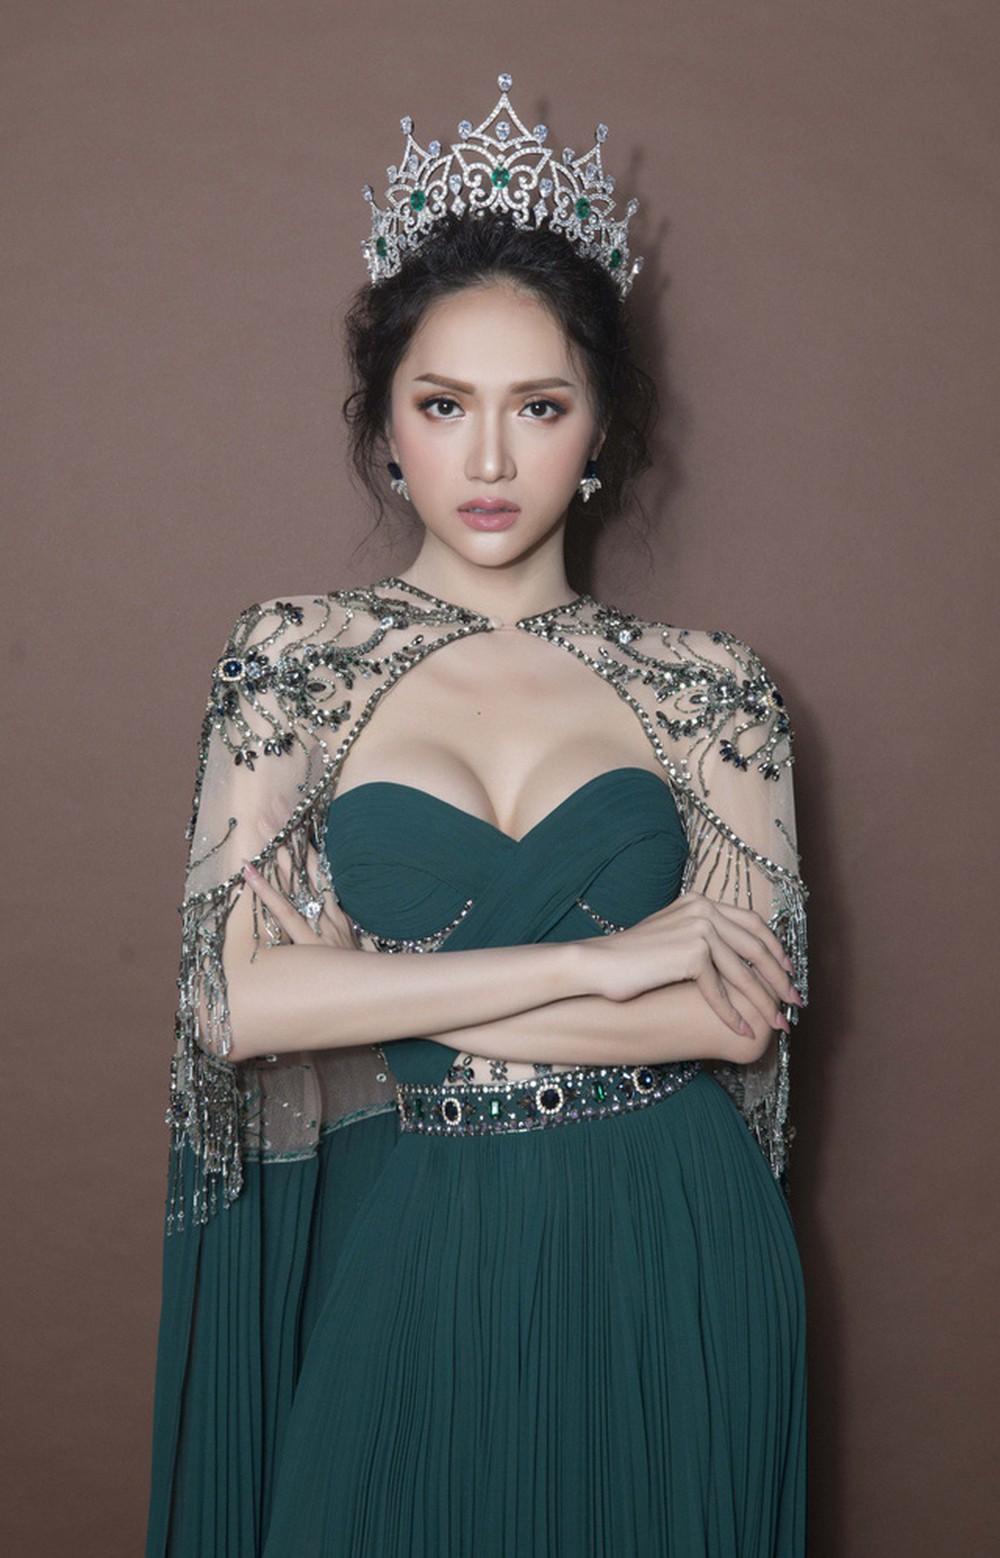 Hương Giang là HLV The Voice Kids, dân mạng xôn xao: Hoa hậu rất đẹp nhưng mà hát thì...  - Ảnh 2.